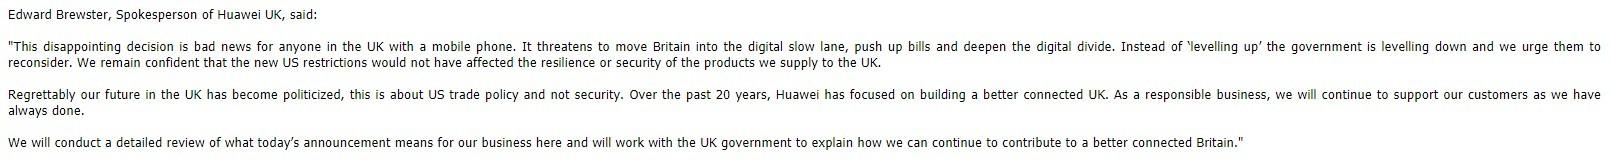 영국 화웨이 대변인 에드워드 브루스터의 영국 5G 네트워크 내 화웨이 장비 금지 결정 관련 공식 입장문